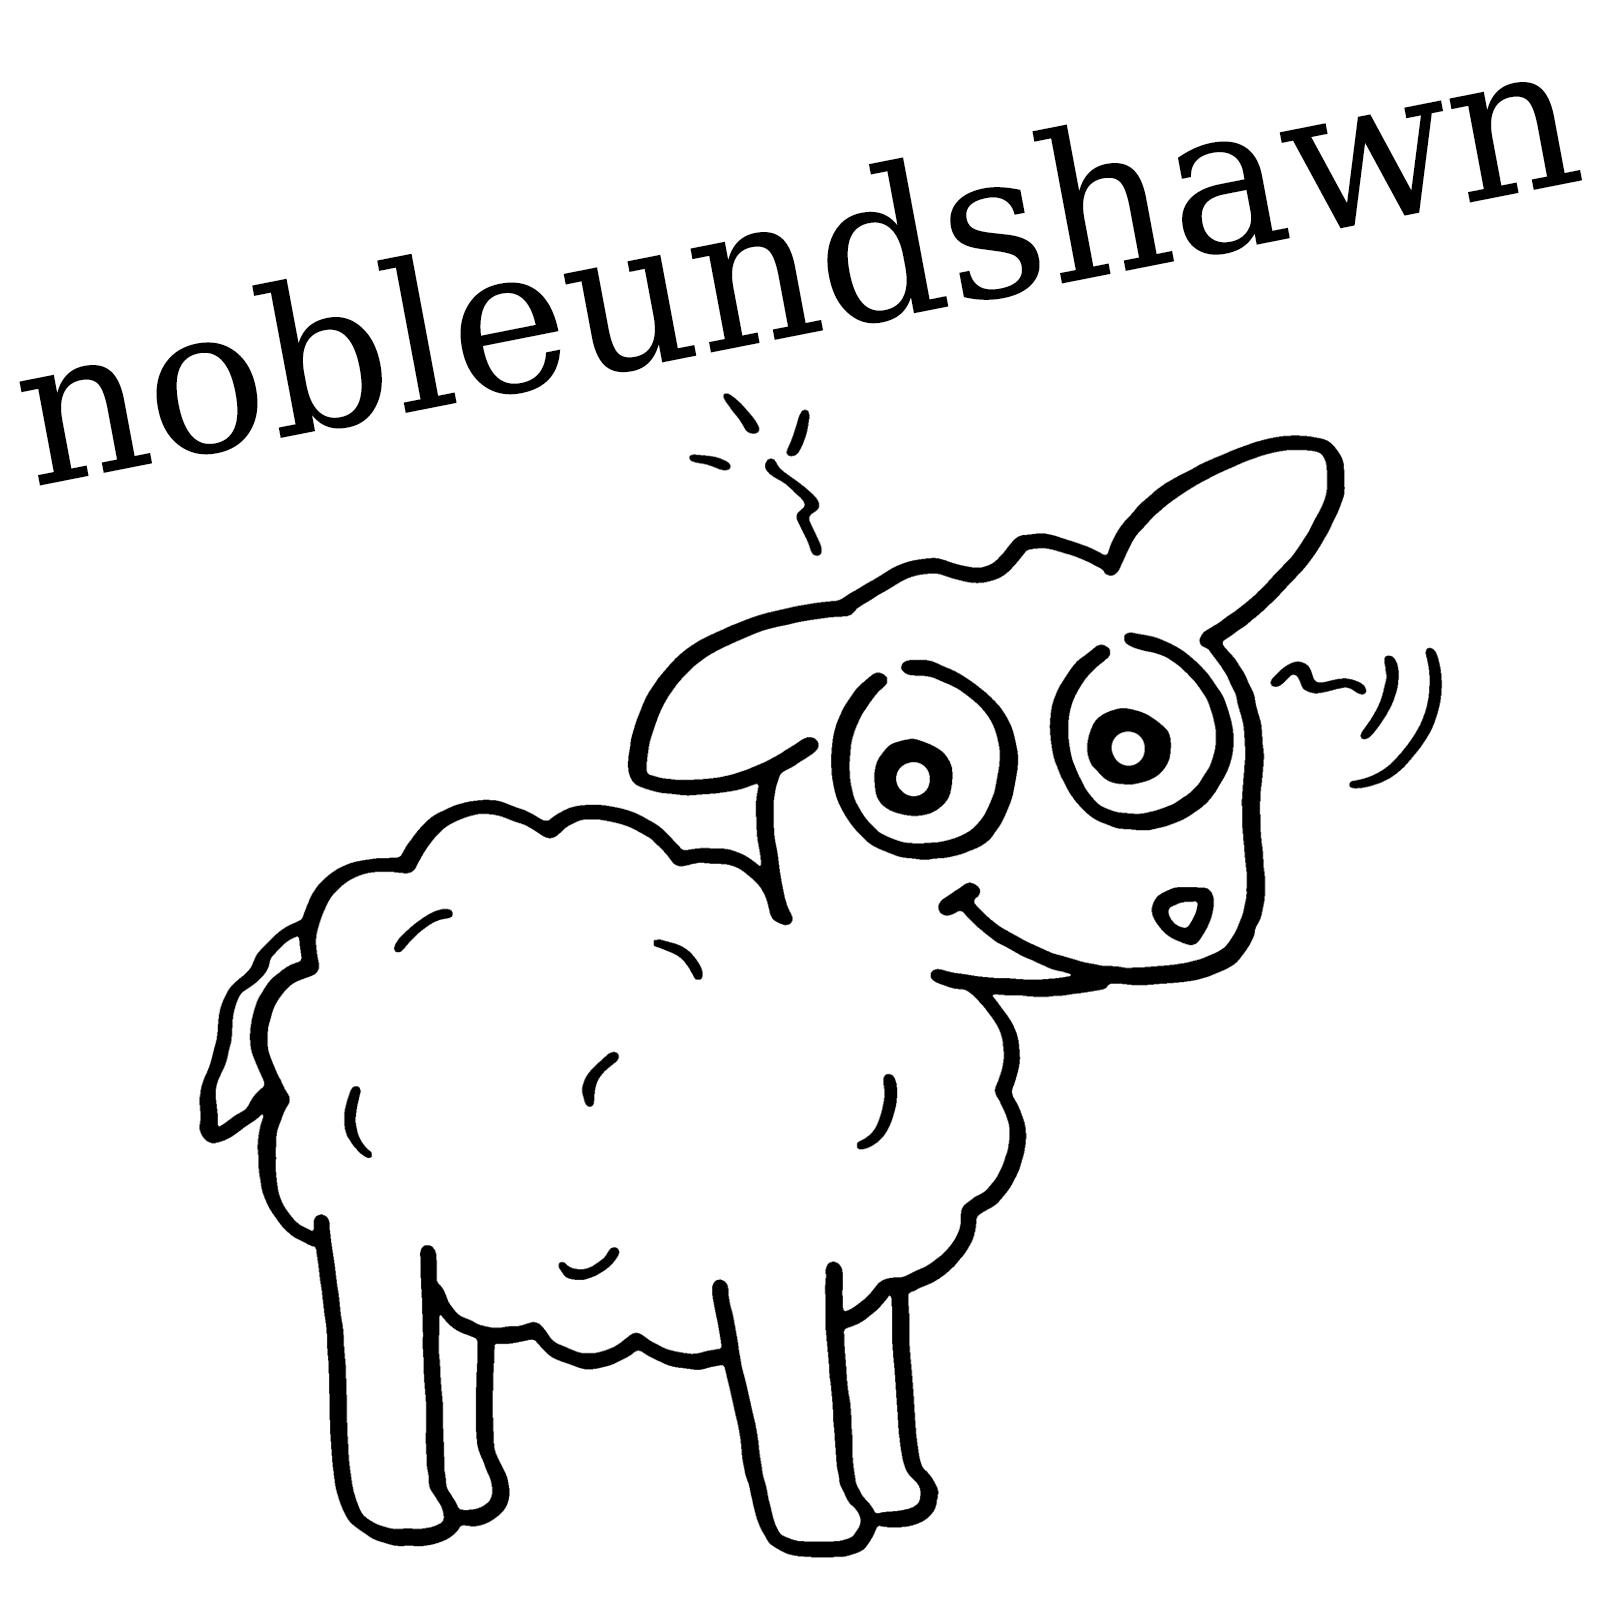 nobleundshawn